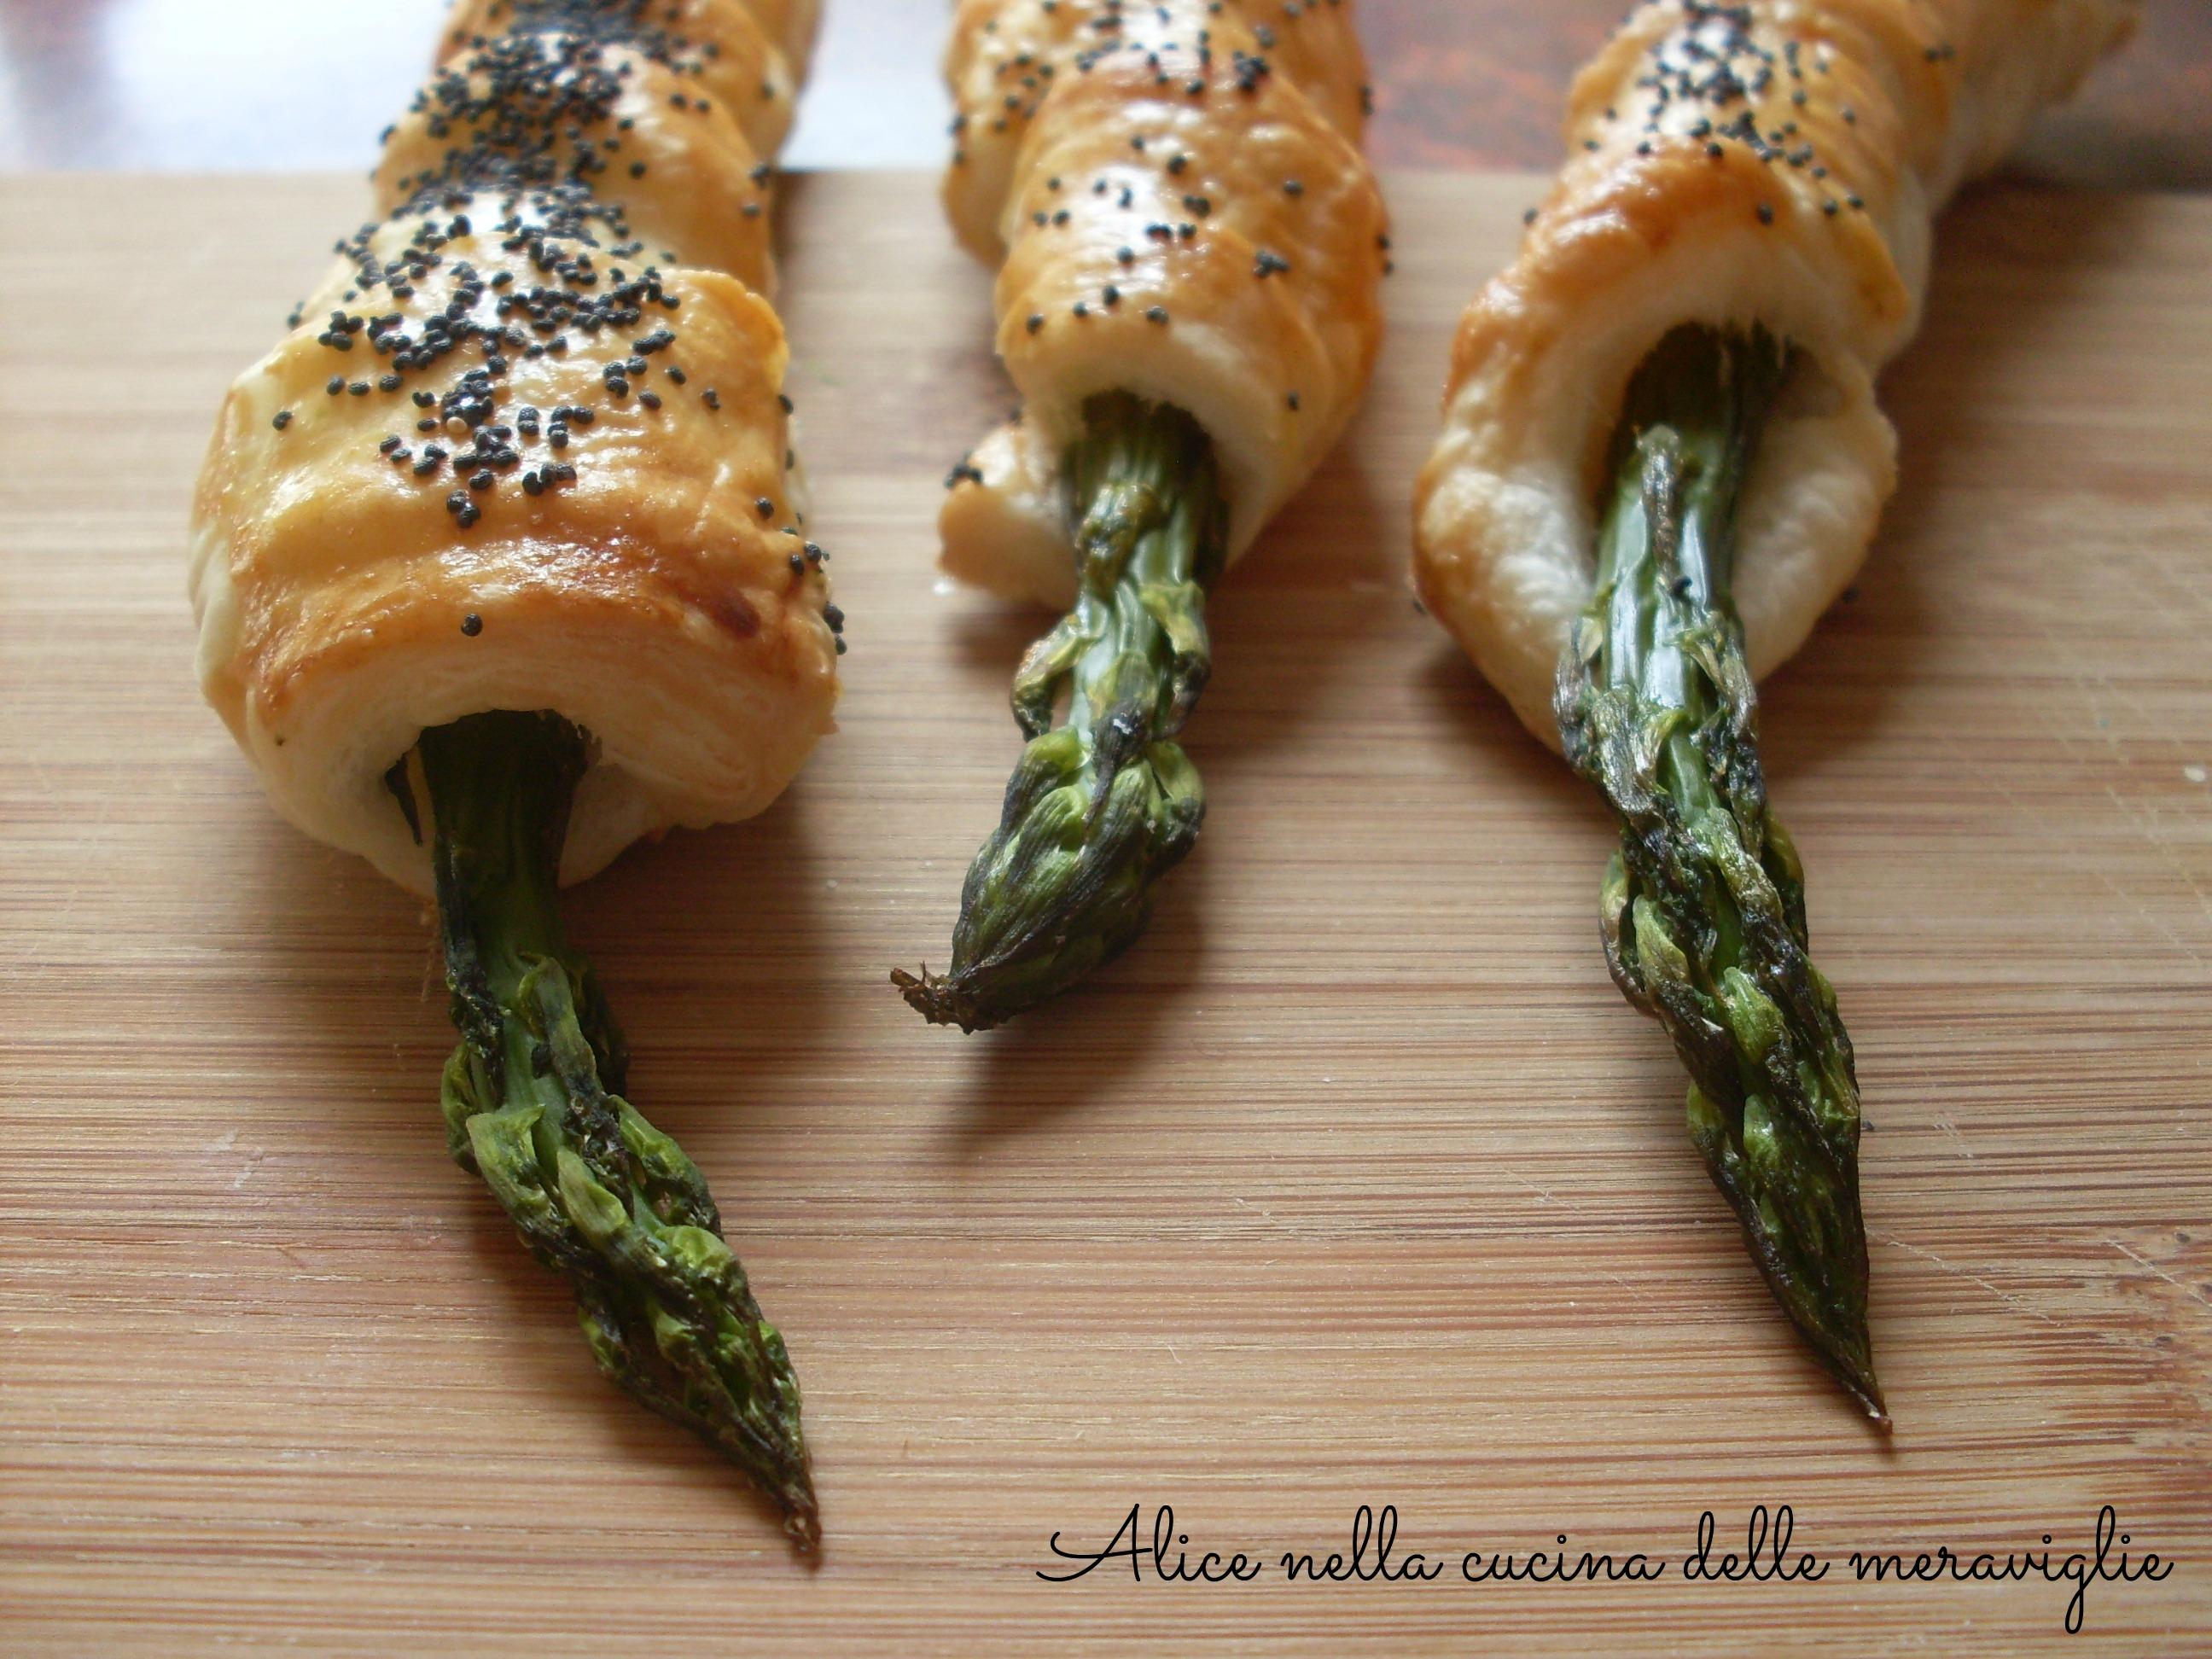 Asparagi in pasta sfoglia Ricetta antipasto vegetariano Alice nella cucina delle meraviglie